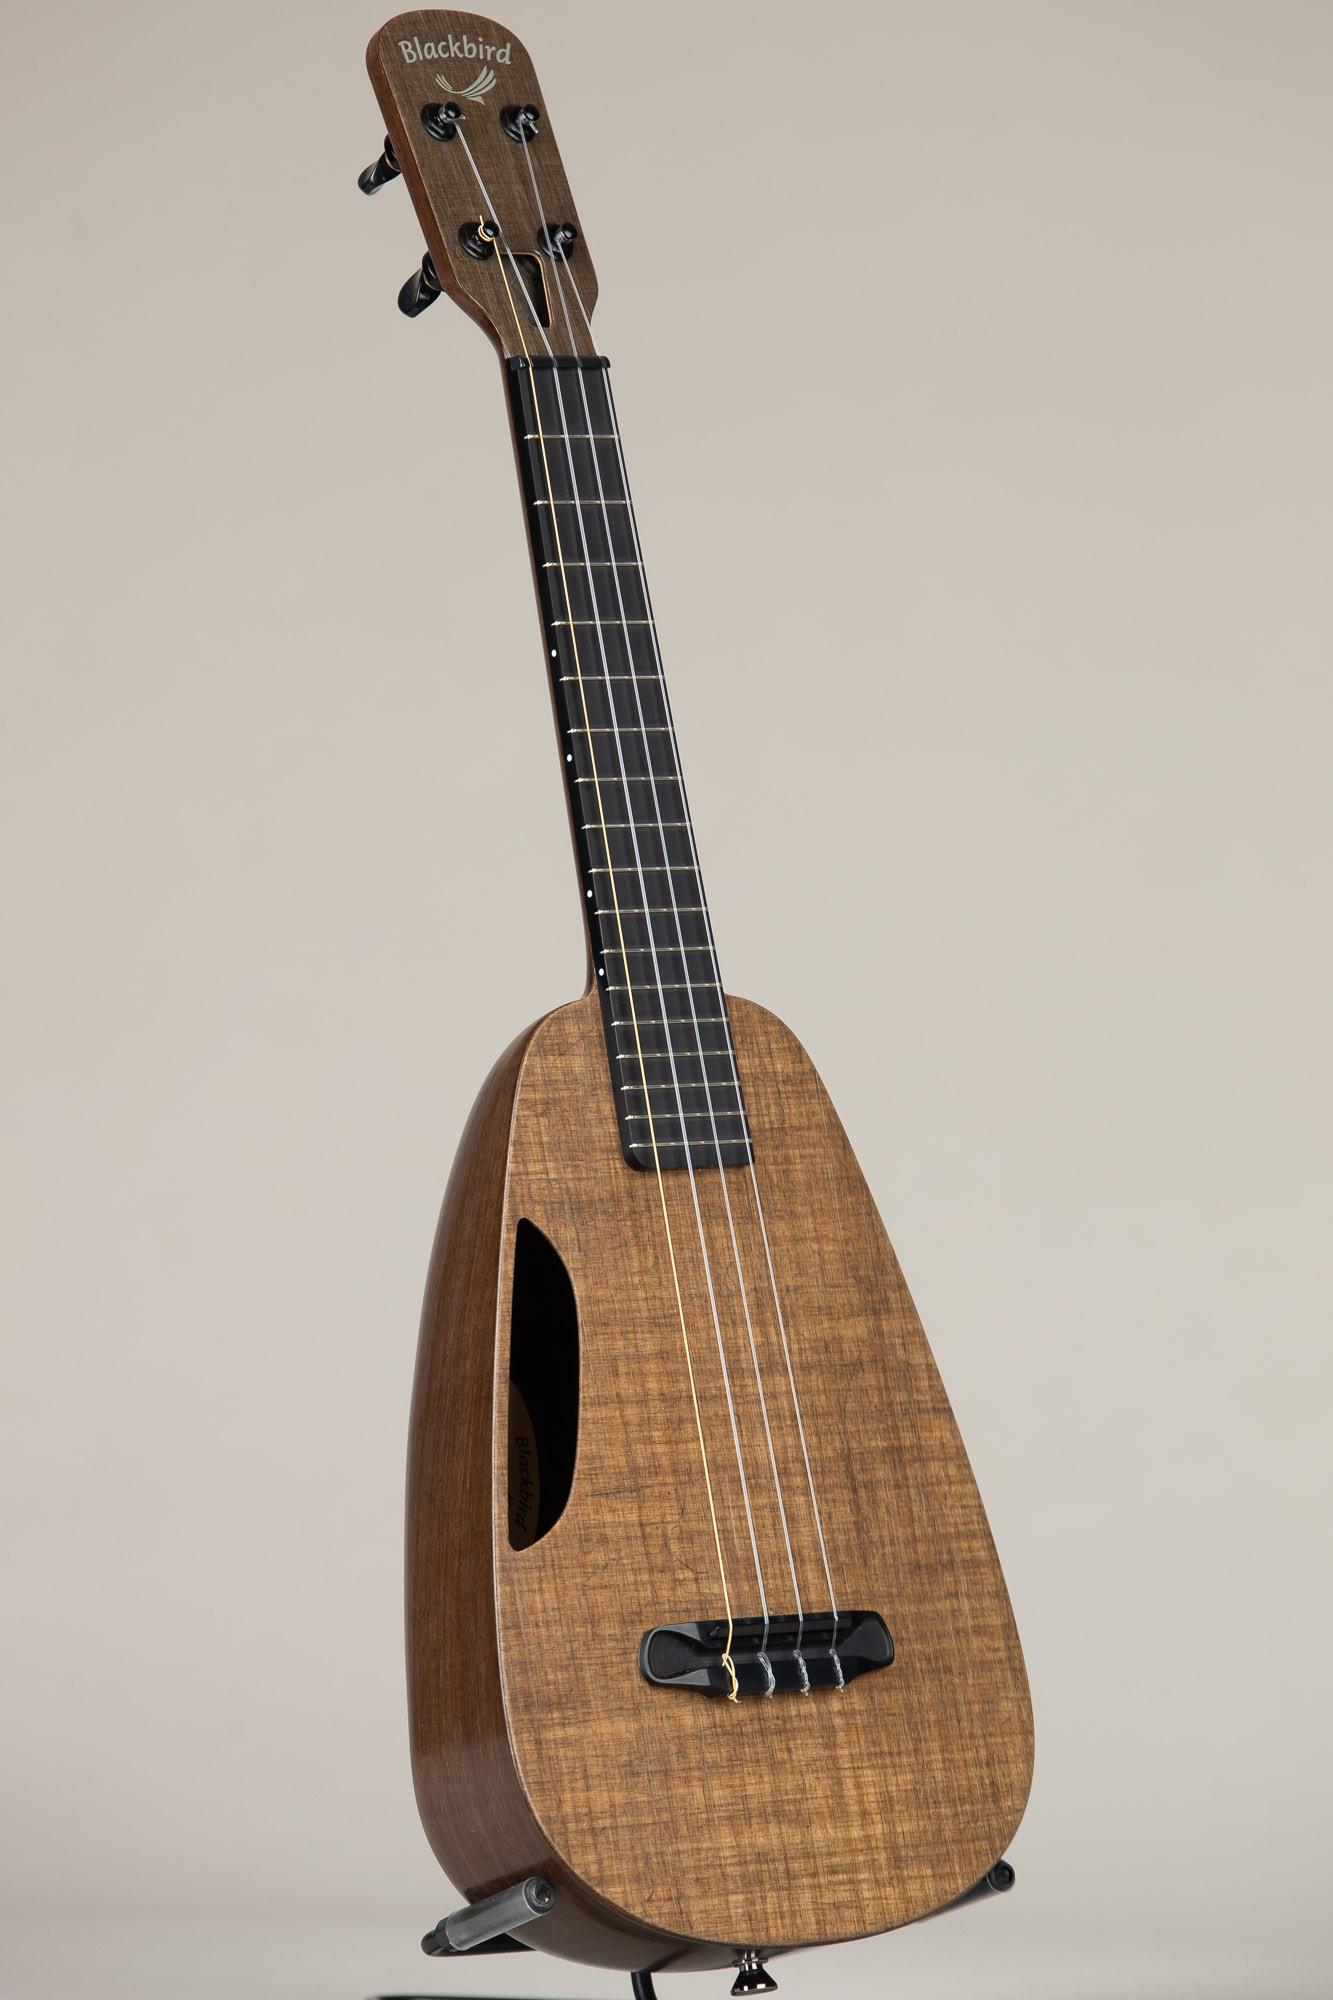 Blackbird Concert Ukulele (Clara 3292)